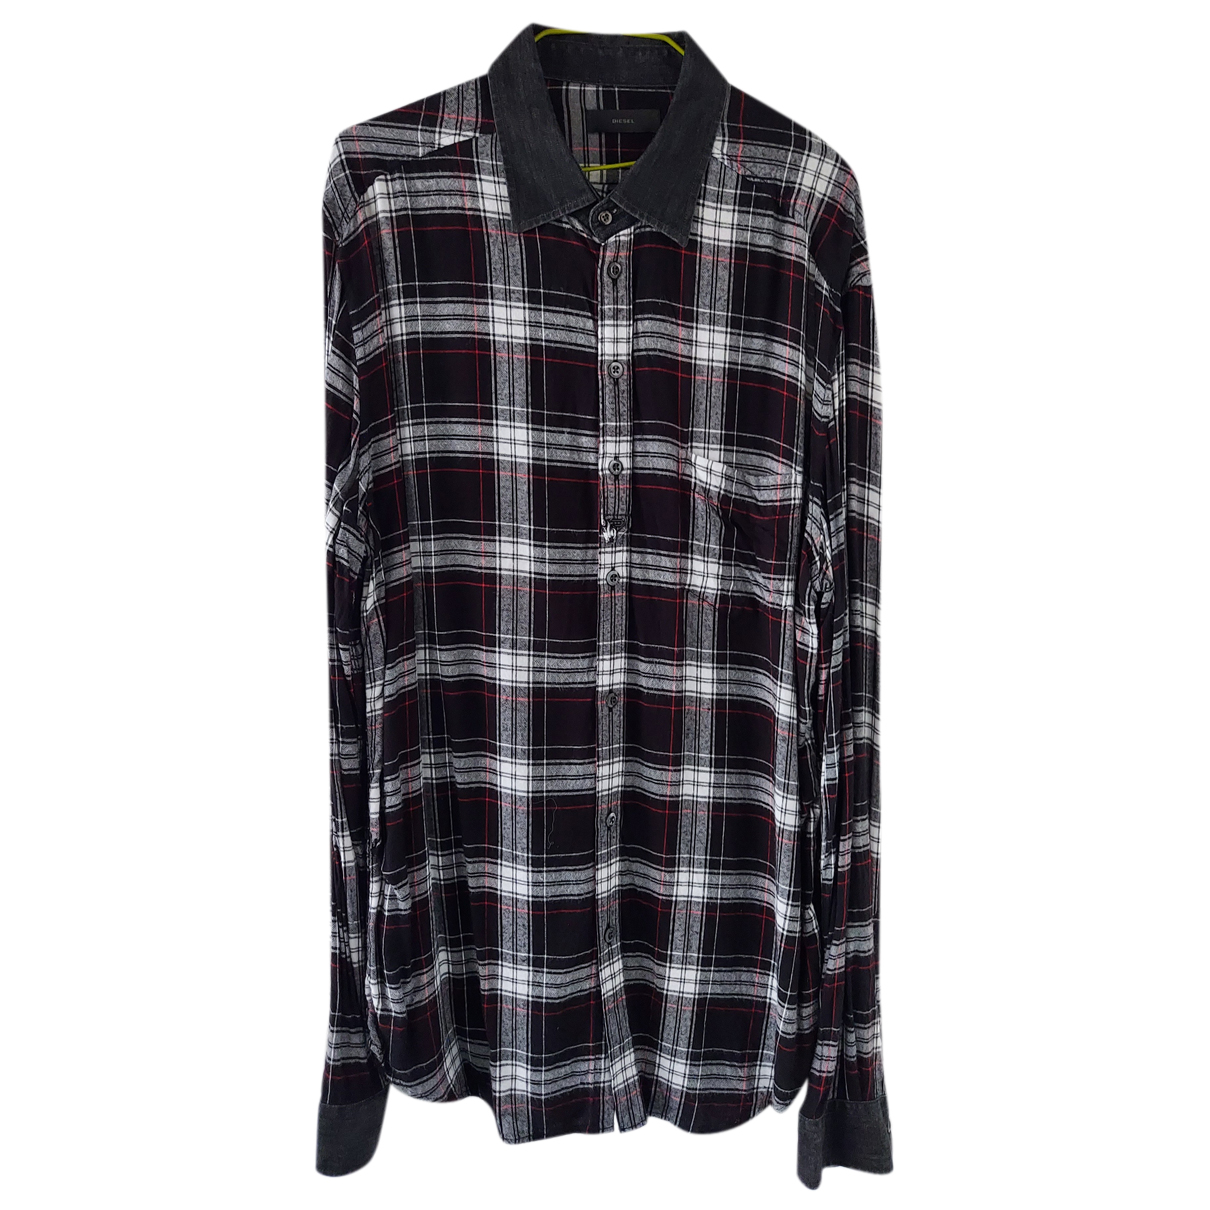 Diesel - Chemises   pour homme en coton - noir